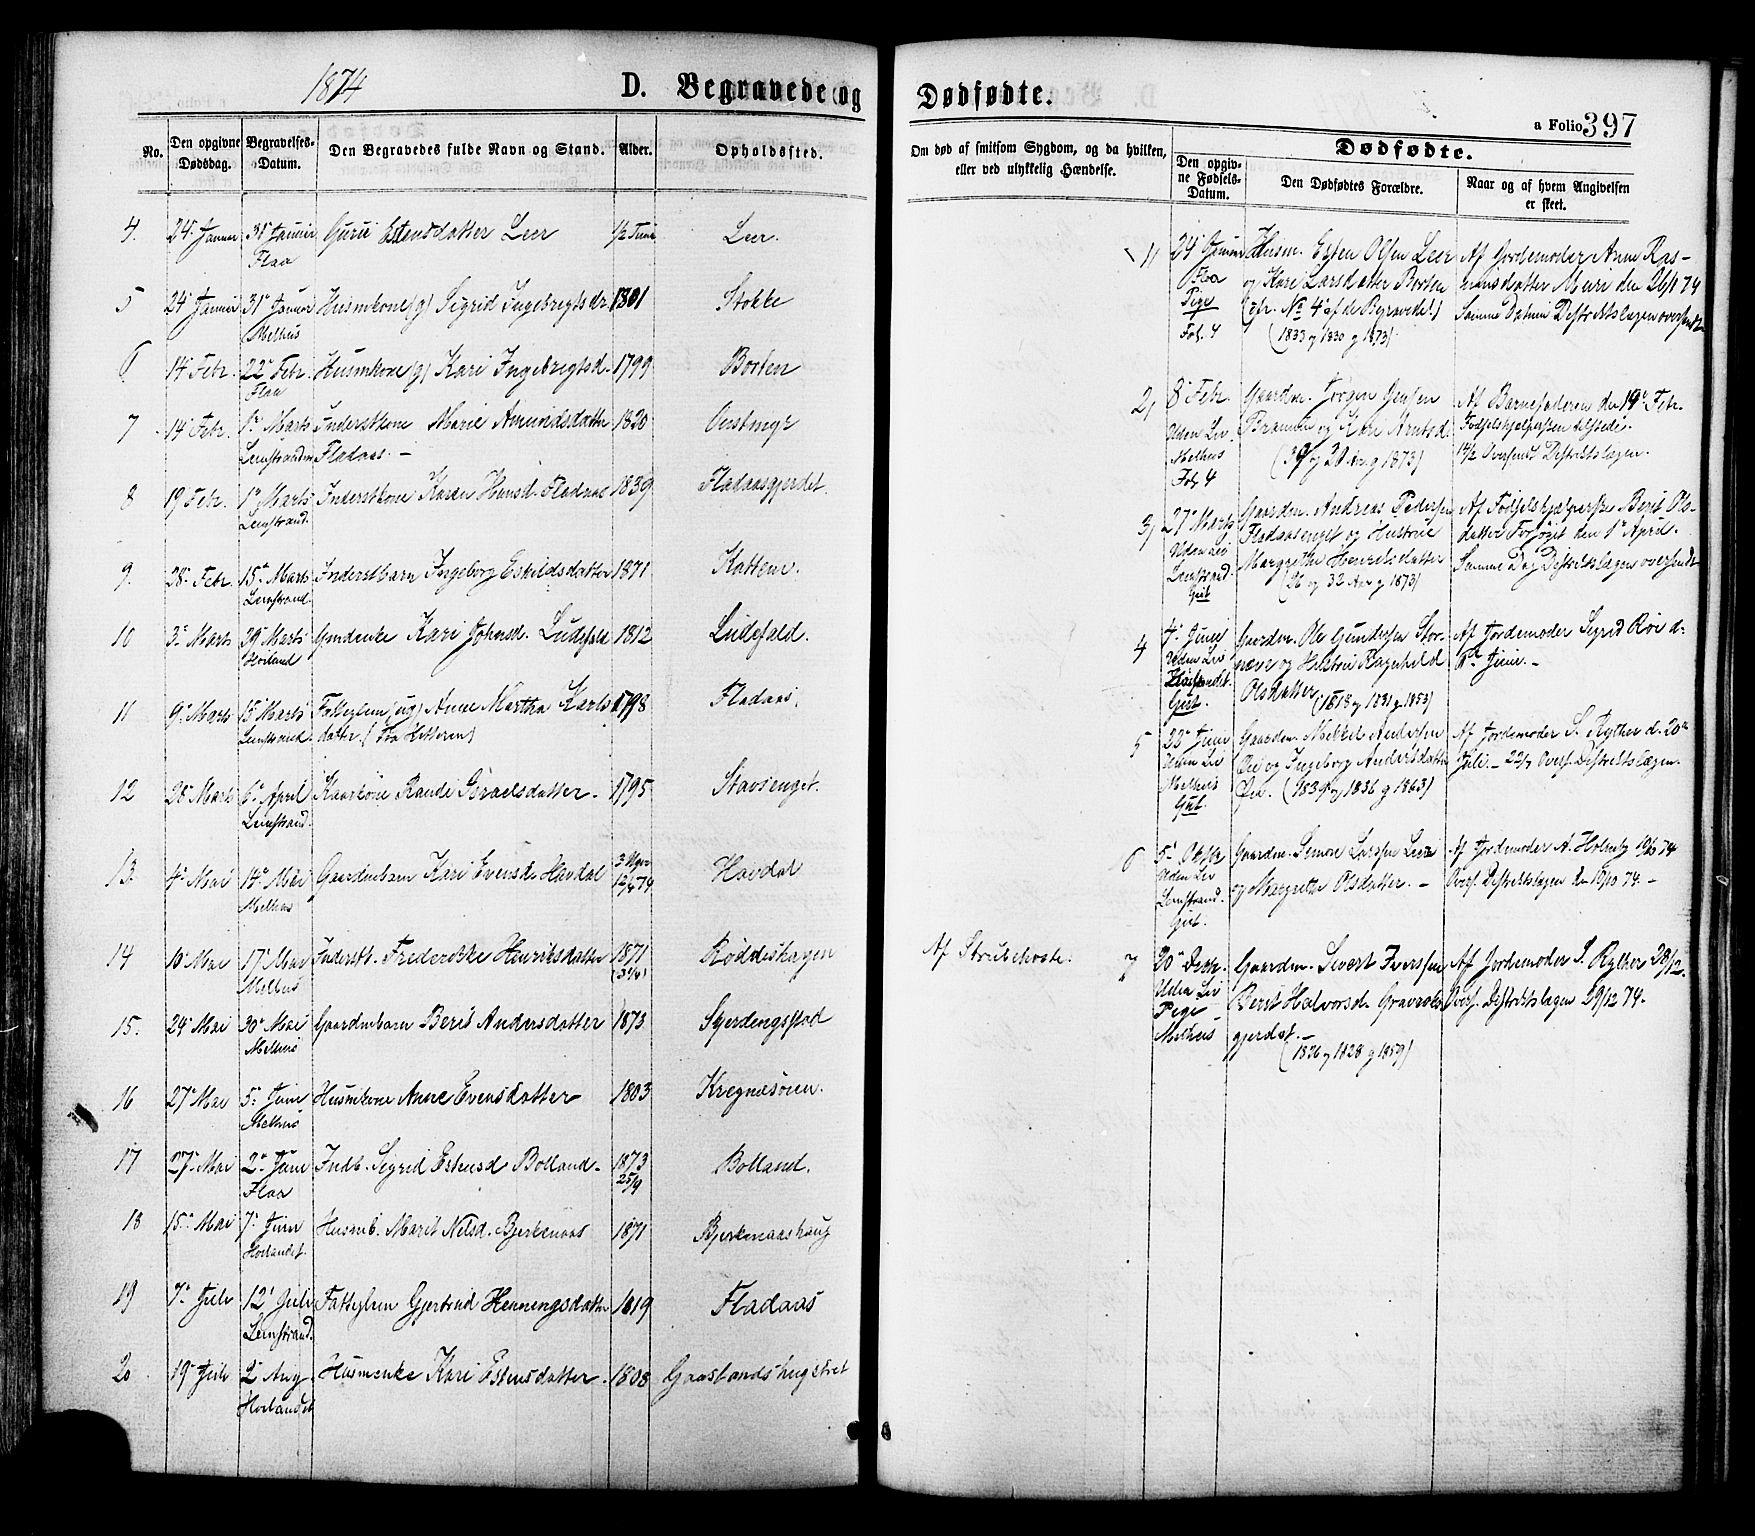 SAT, Ministerialprotokoller, klokkerbøker og fødselsregistre - Sør-Trøndelag, 691/L1079: Ministerialbok nr. 691A11, 1873-1886, s. 397